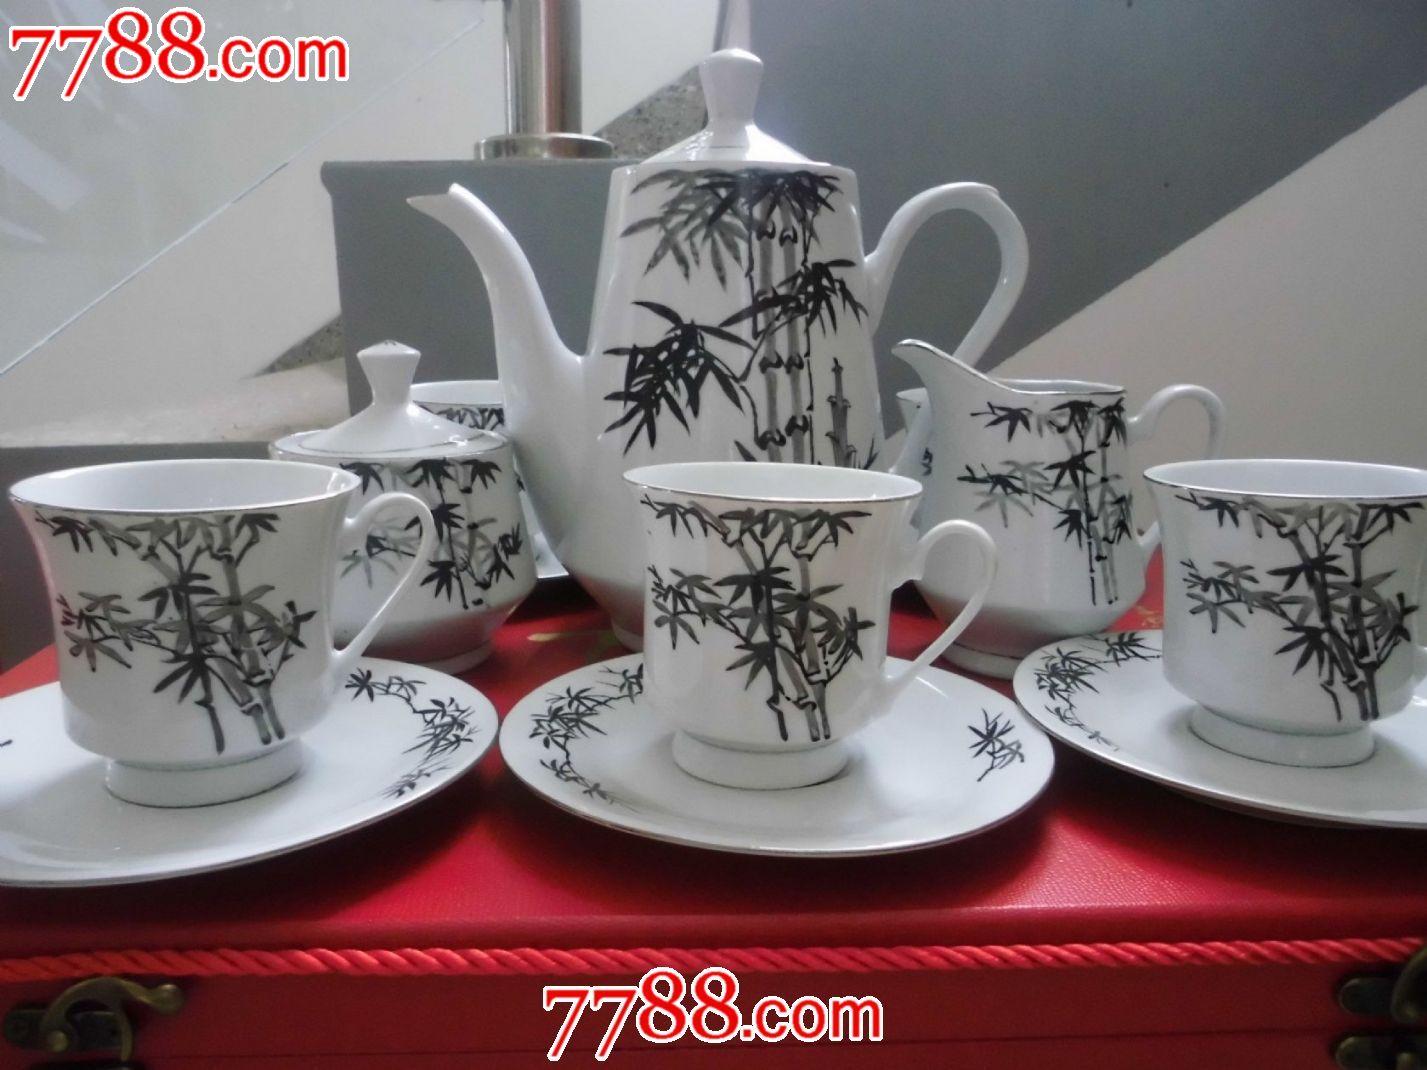 醴陵手绘竹叶茶具